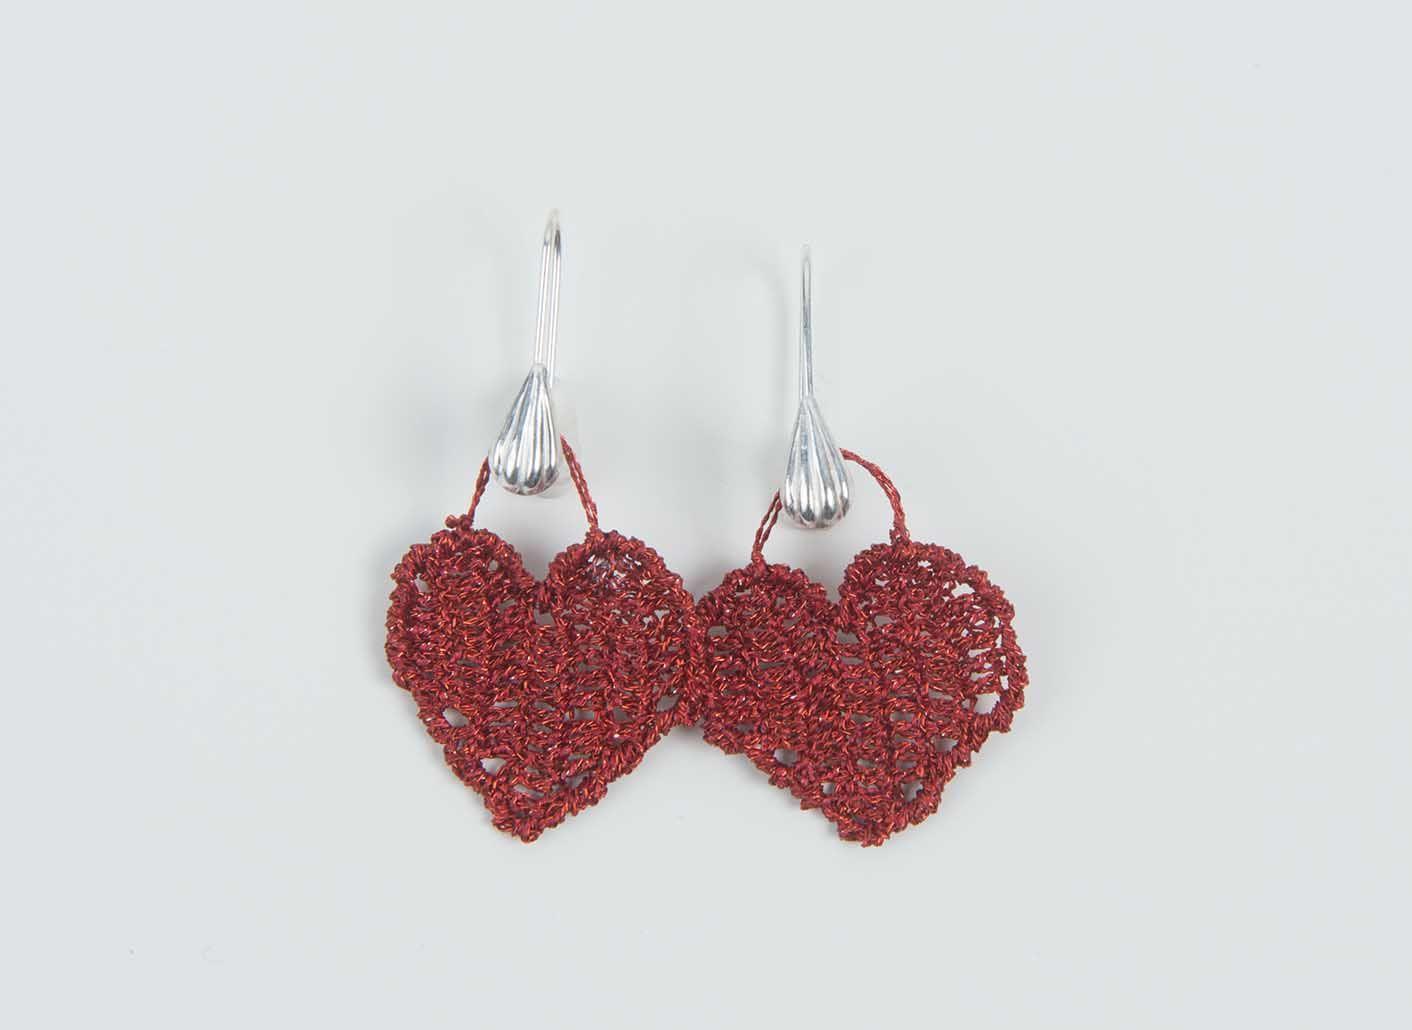 Son dos corazones realizados a ganchillo con hilo metálico de bordar y la fornitura de plata